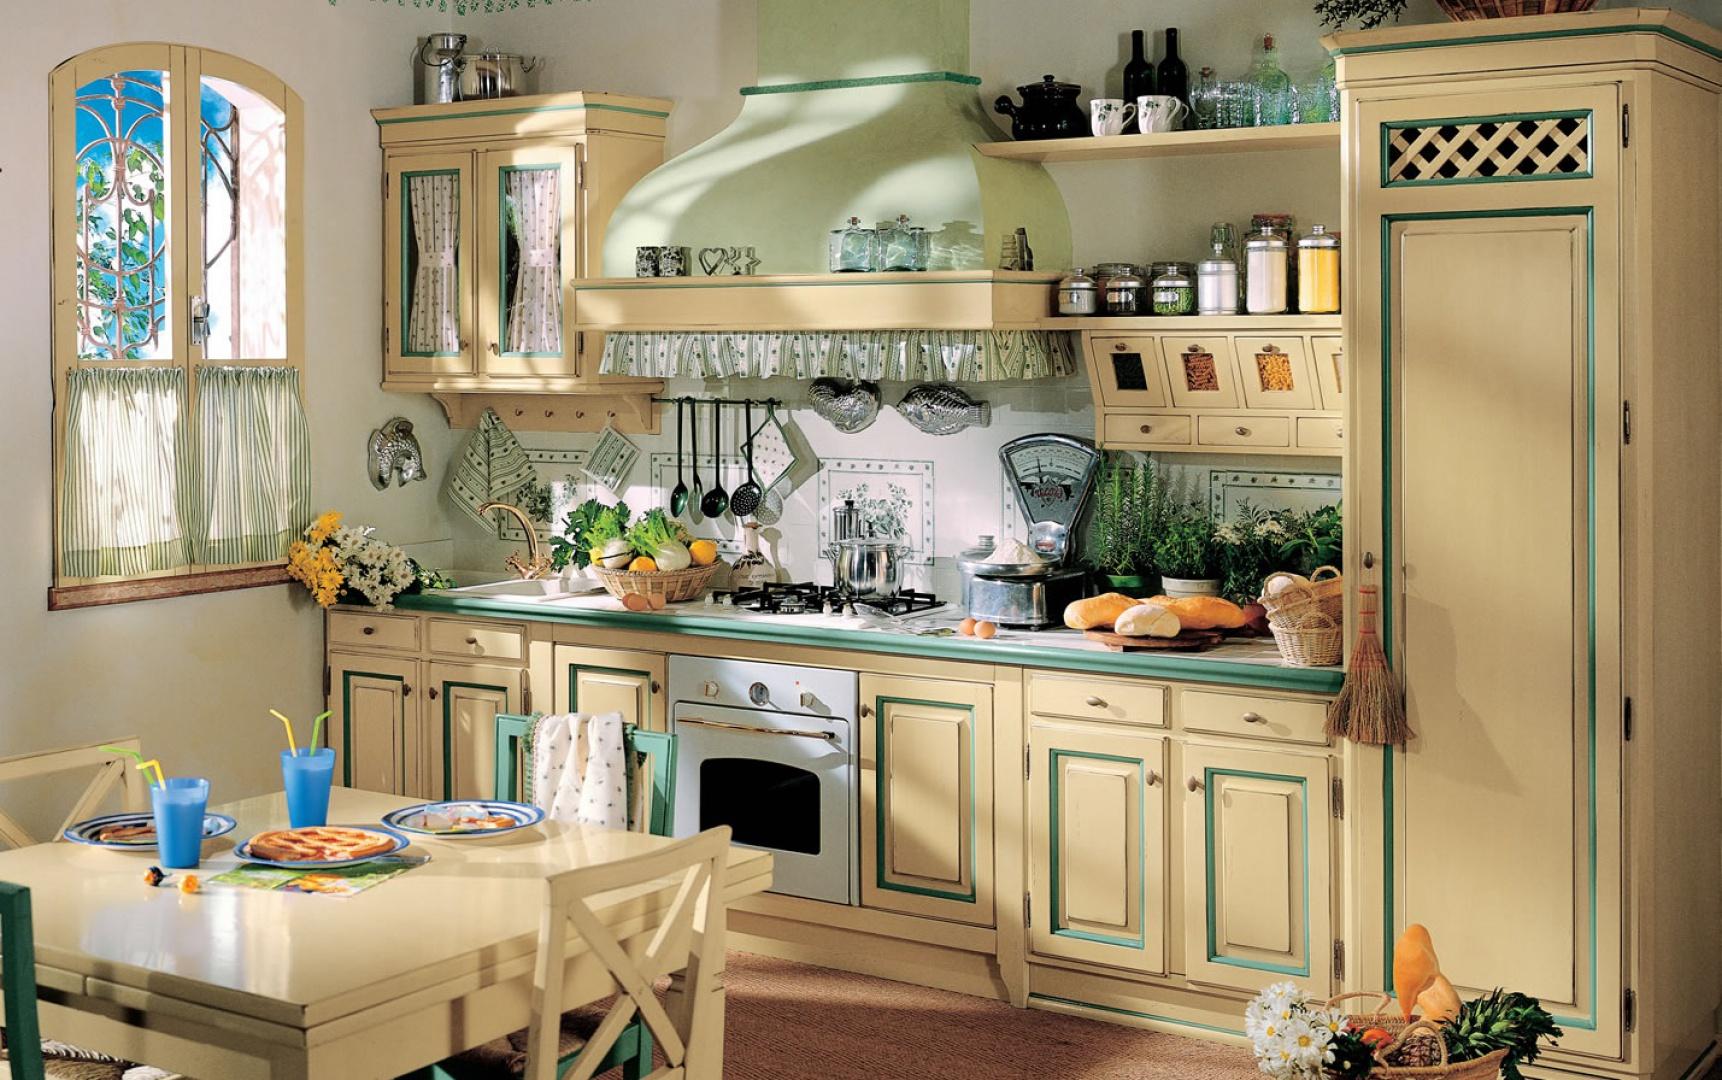 Kuchnia klasyczna 15 najładniejszych aranżacji  Galeria  Dobrzemieszkaj pl